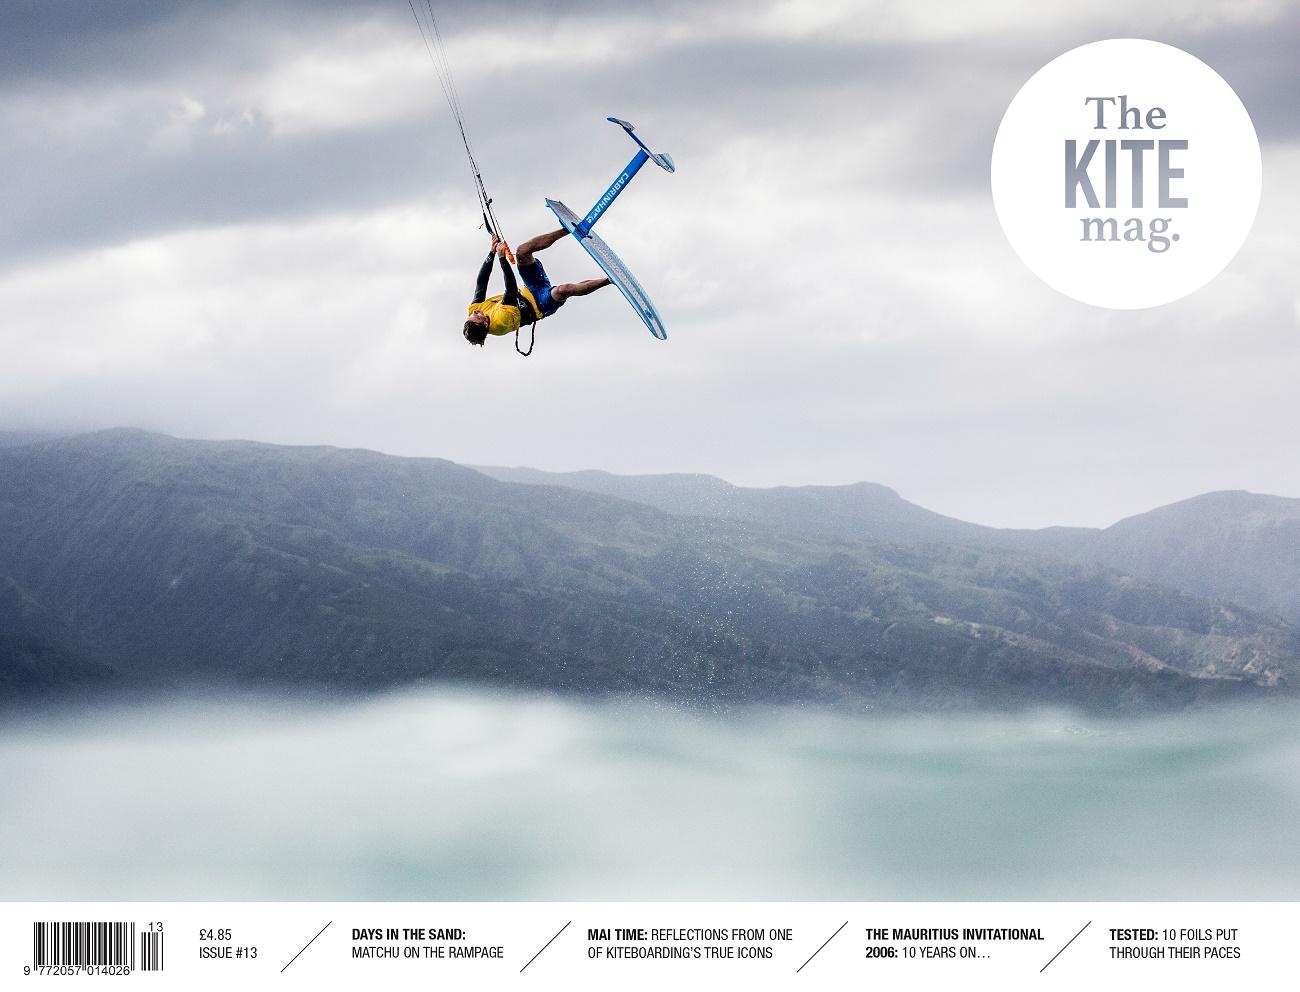 TheKiteMag Issue 13 cover V4 LR - TheKiteMag - по-русски (предварительный просмотр)